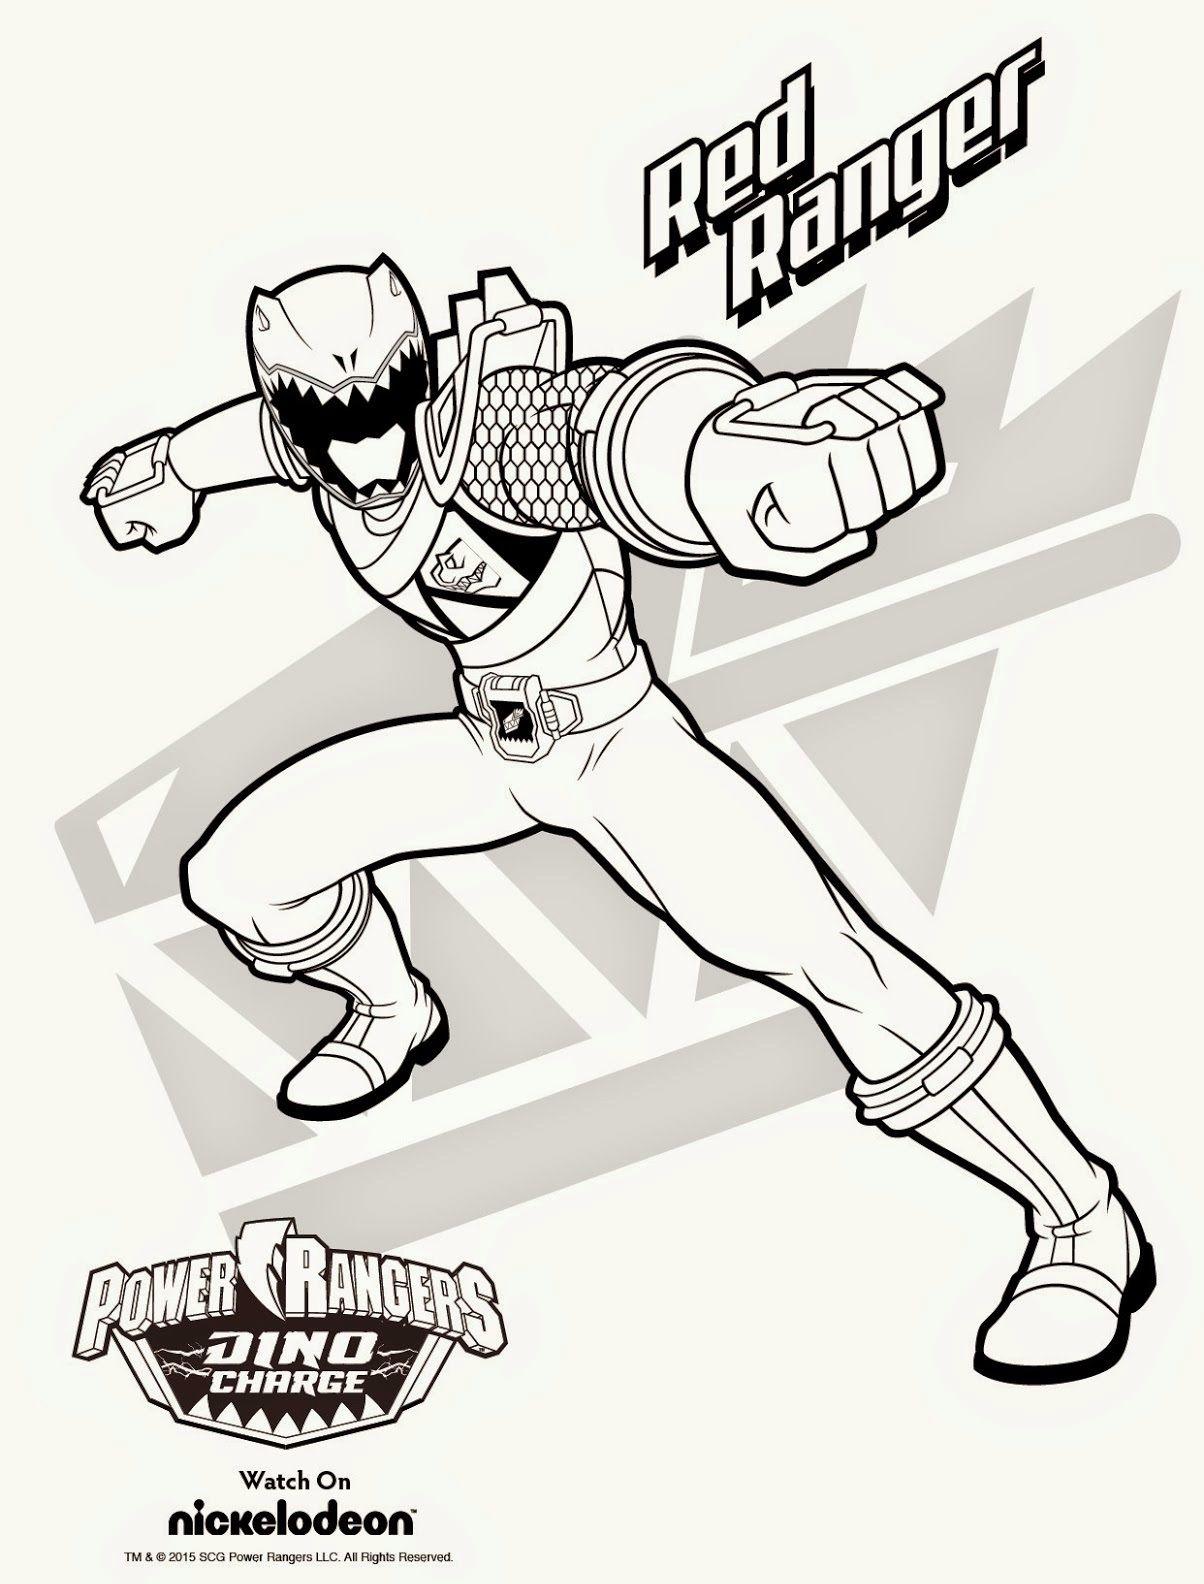 1204x1584 Power Rangers Haim Saban, Power